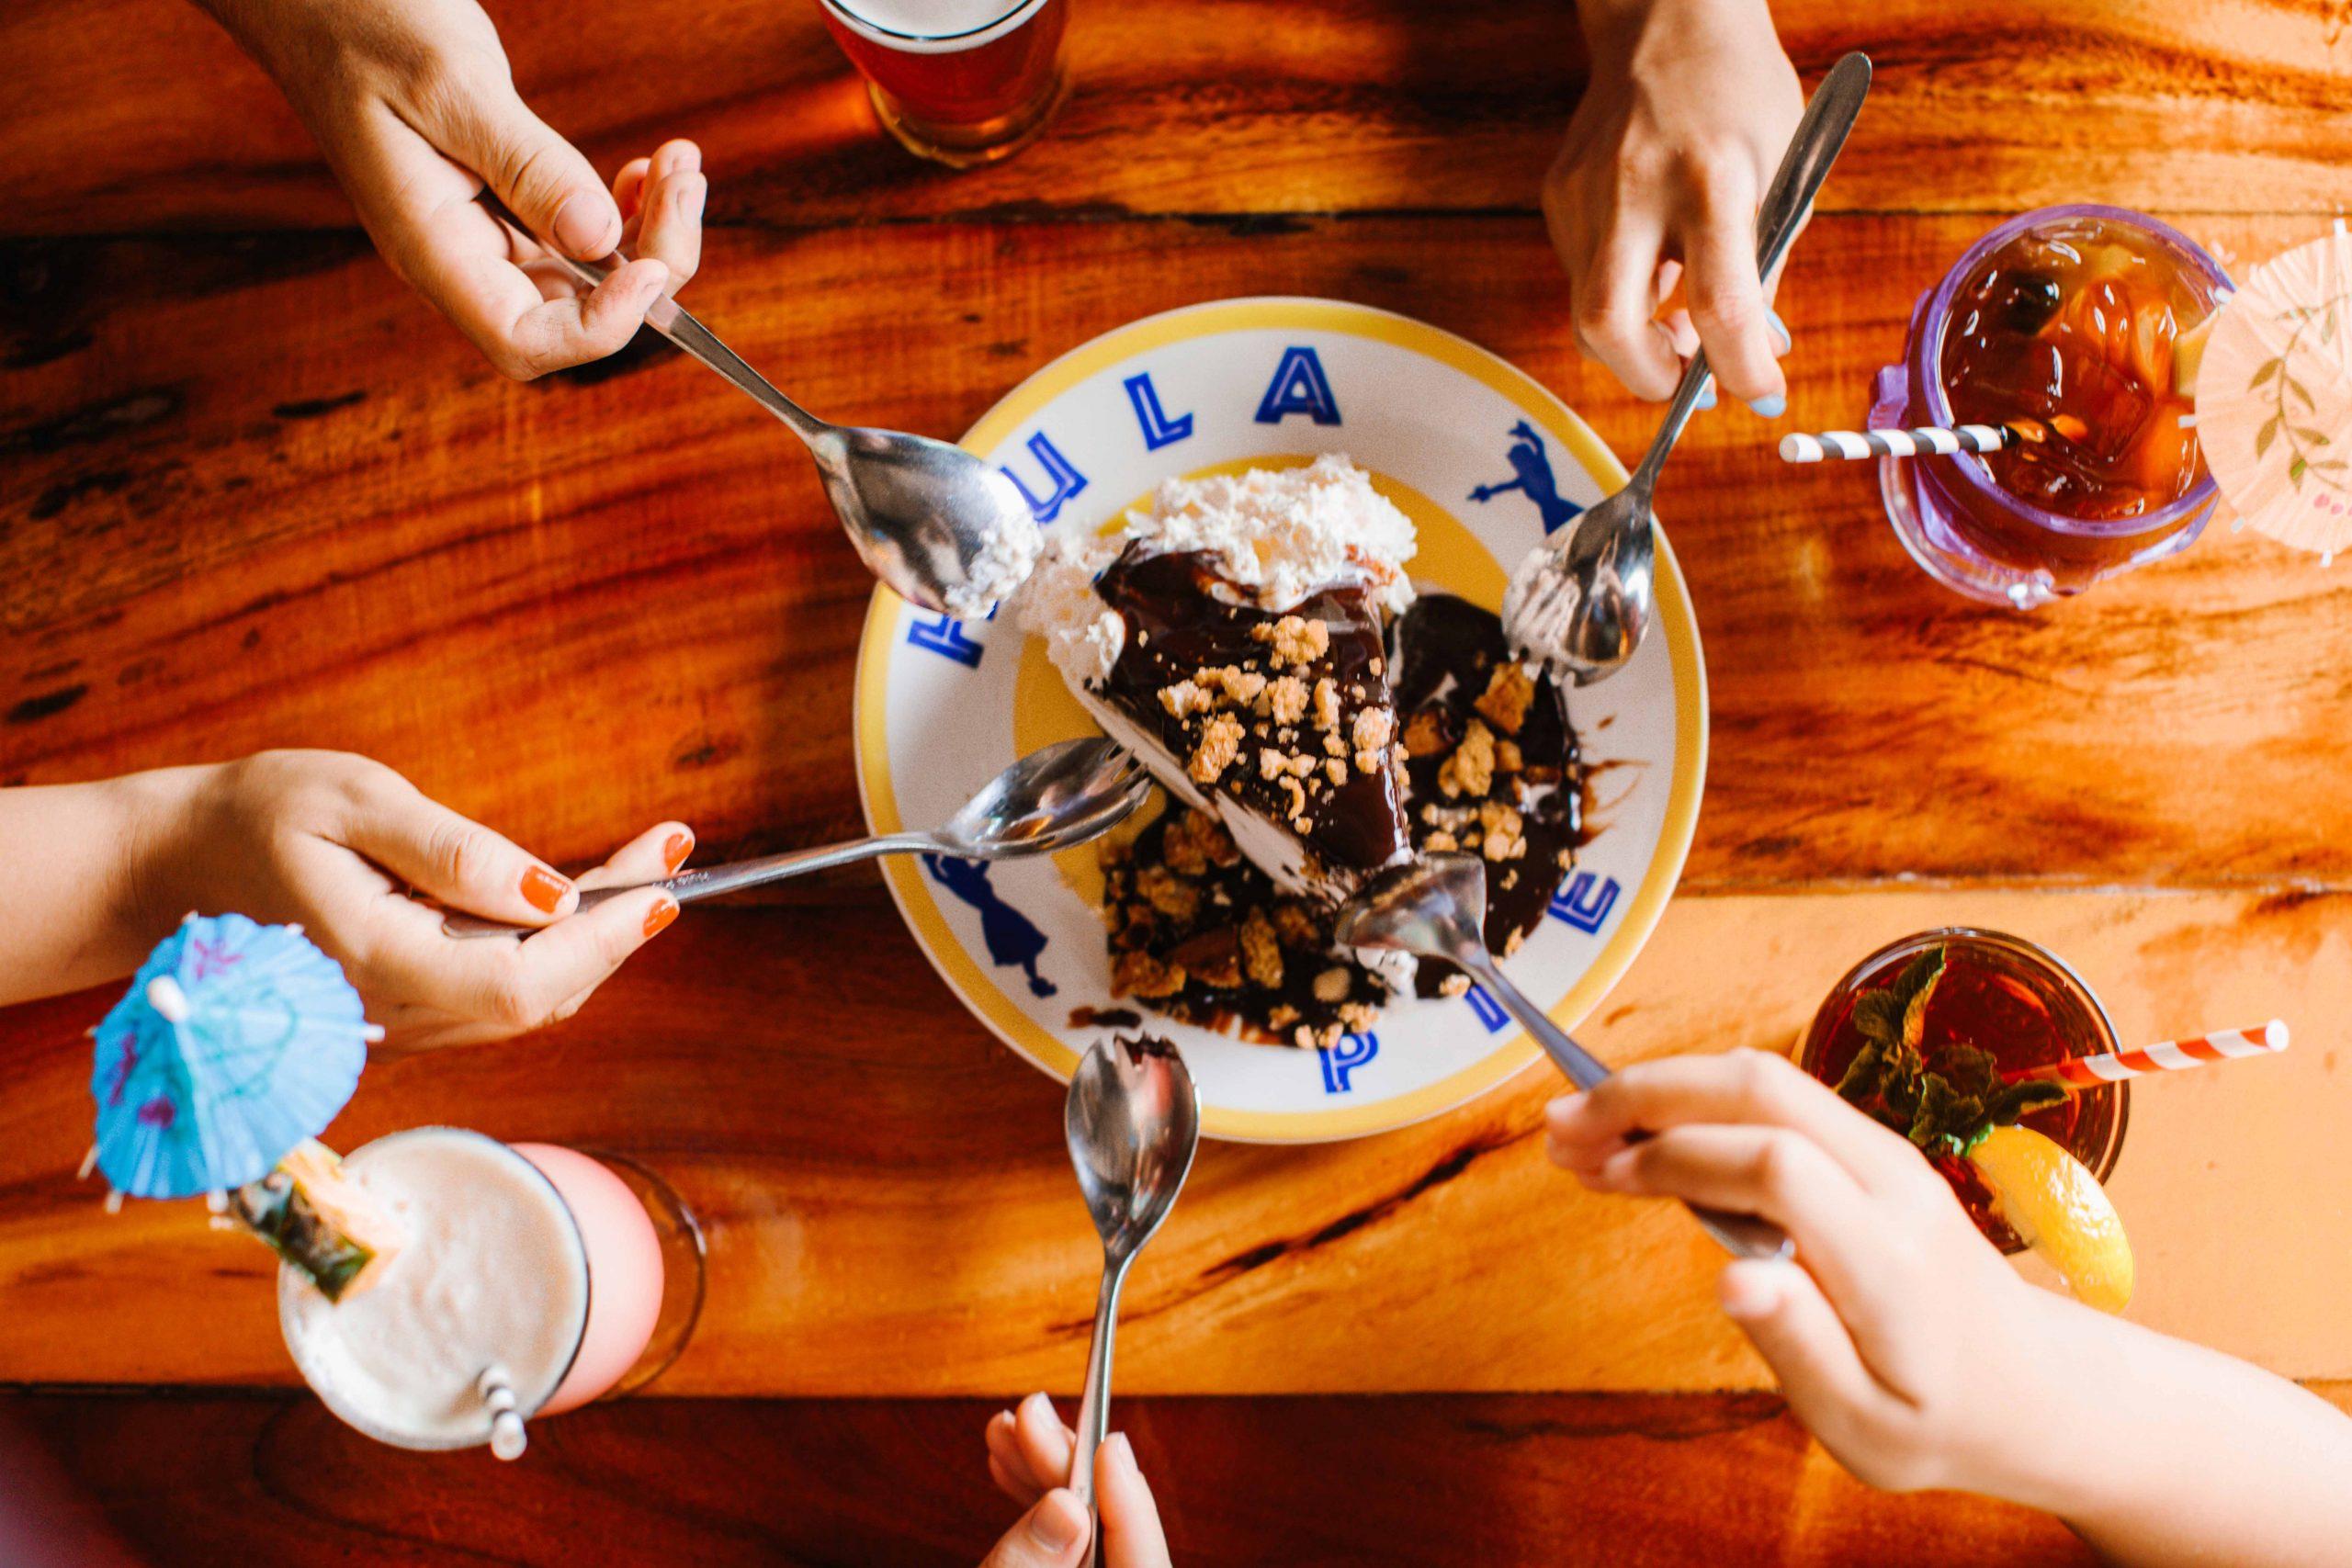 T S Restaurants Raises $11,600 for Suicide Prevention Foundation